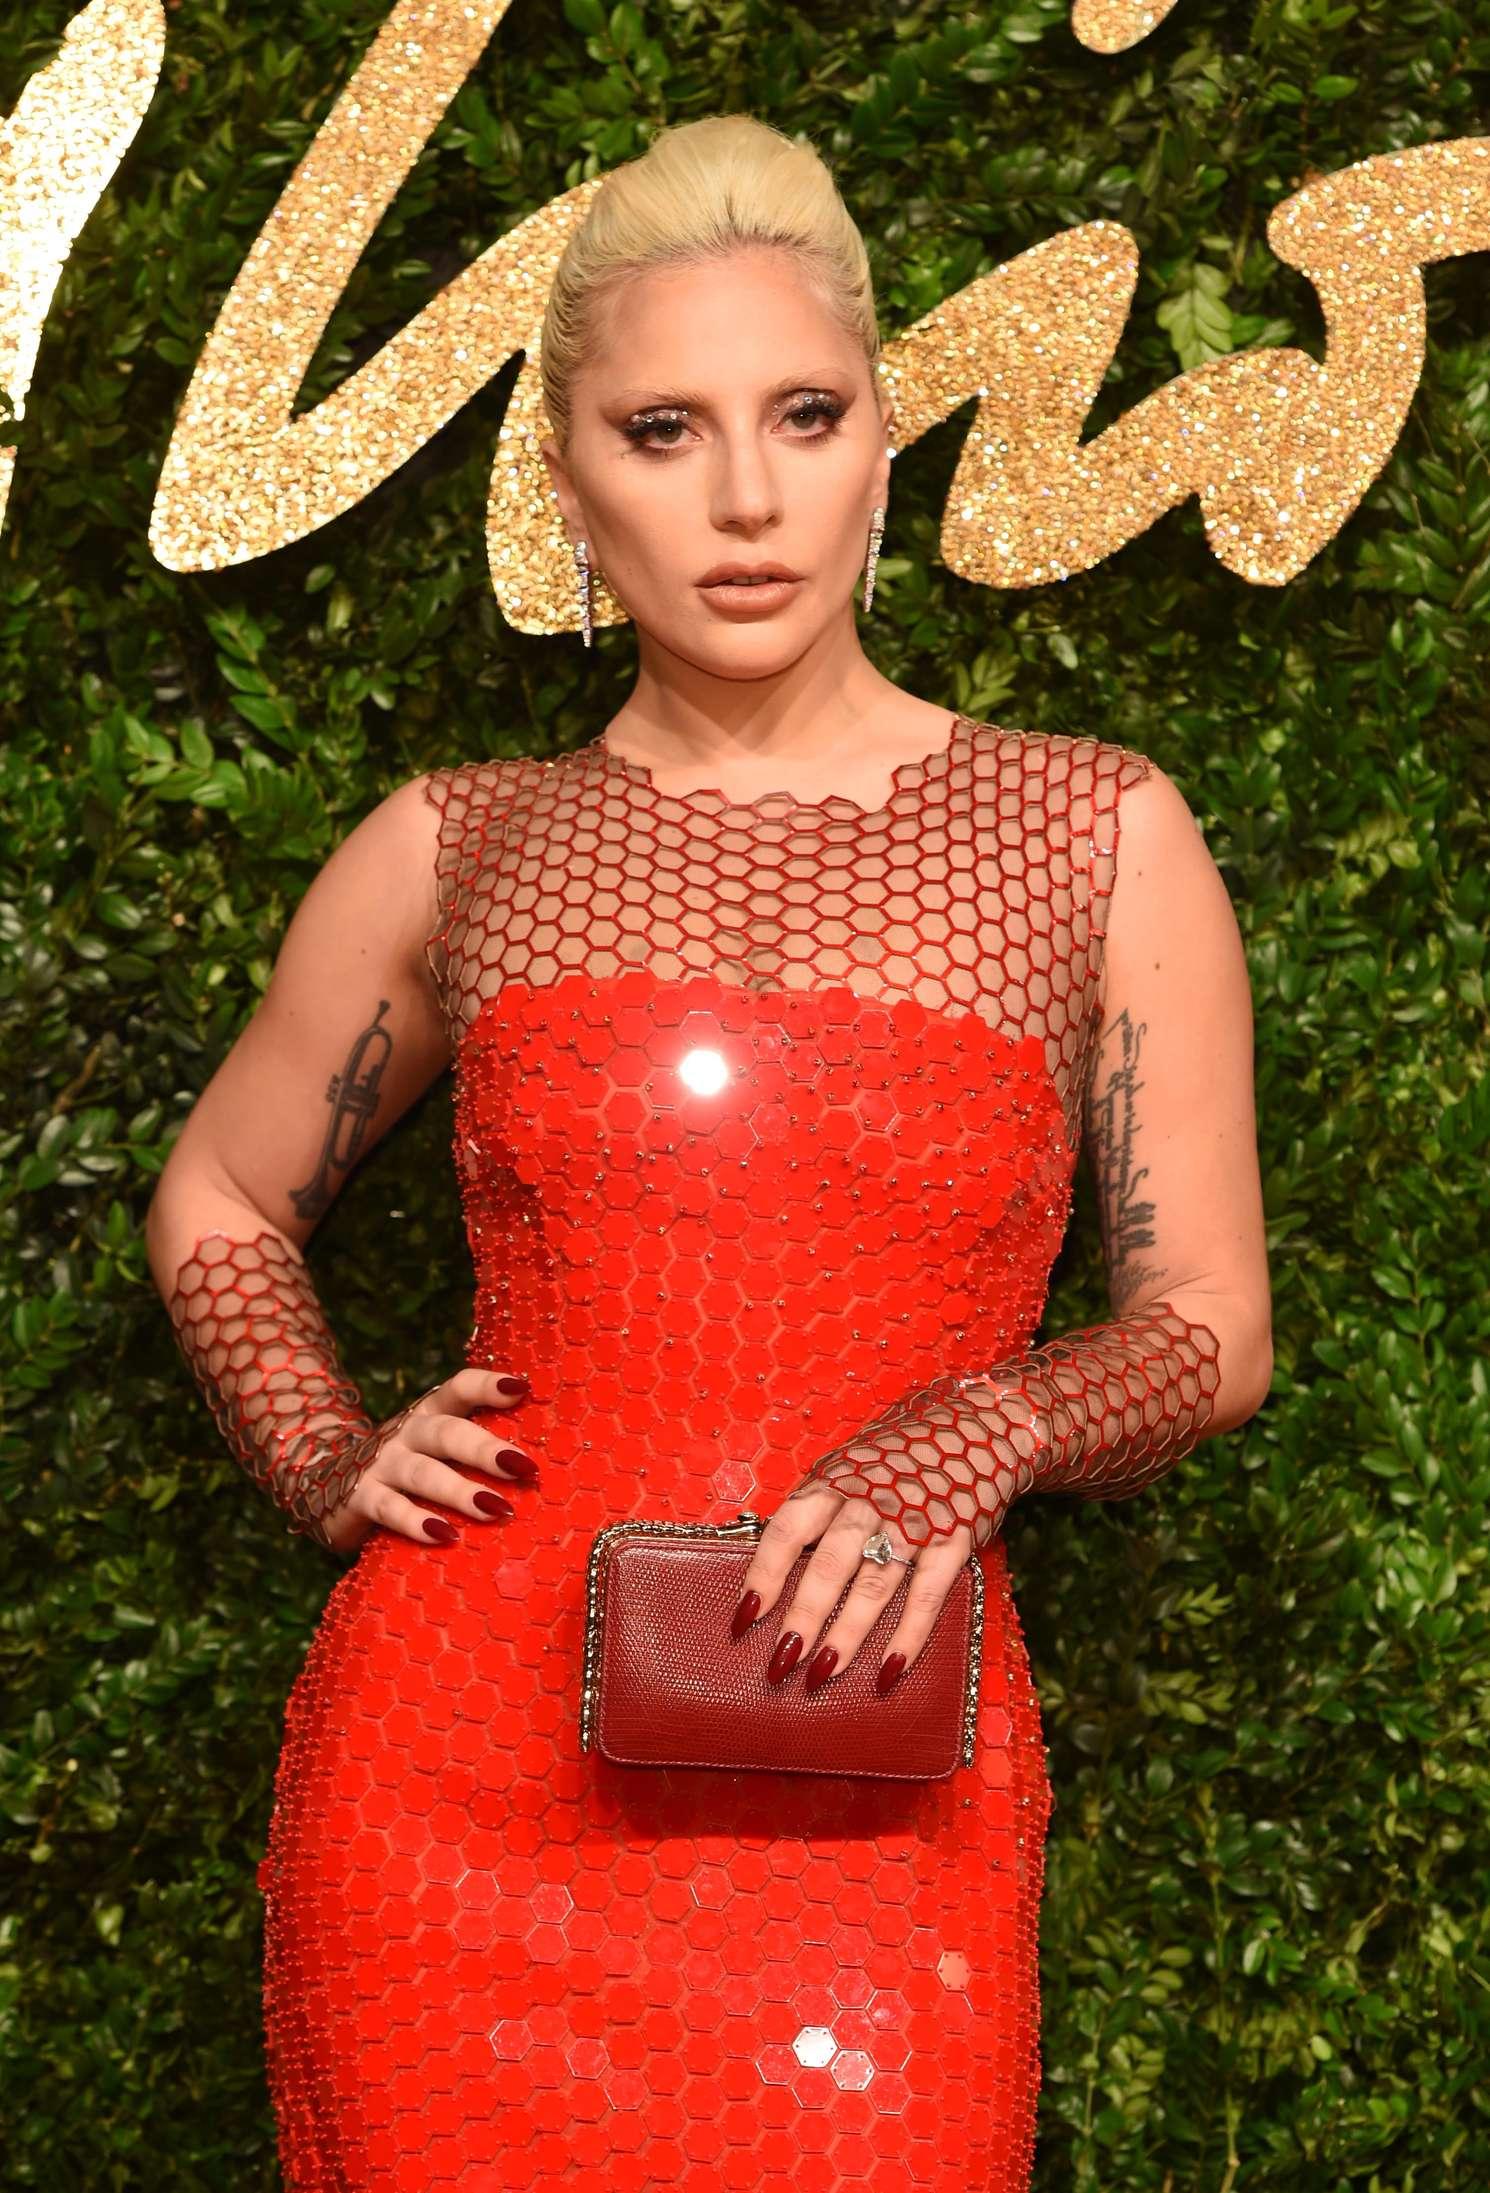 Lady Gaga vamps it up at Fashion Awards - Capital